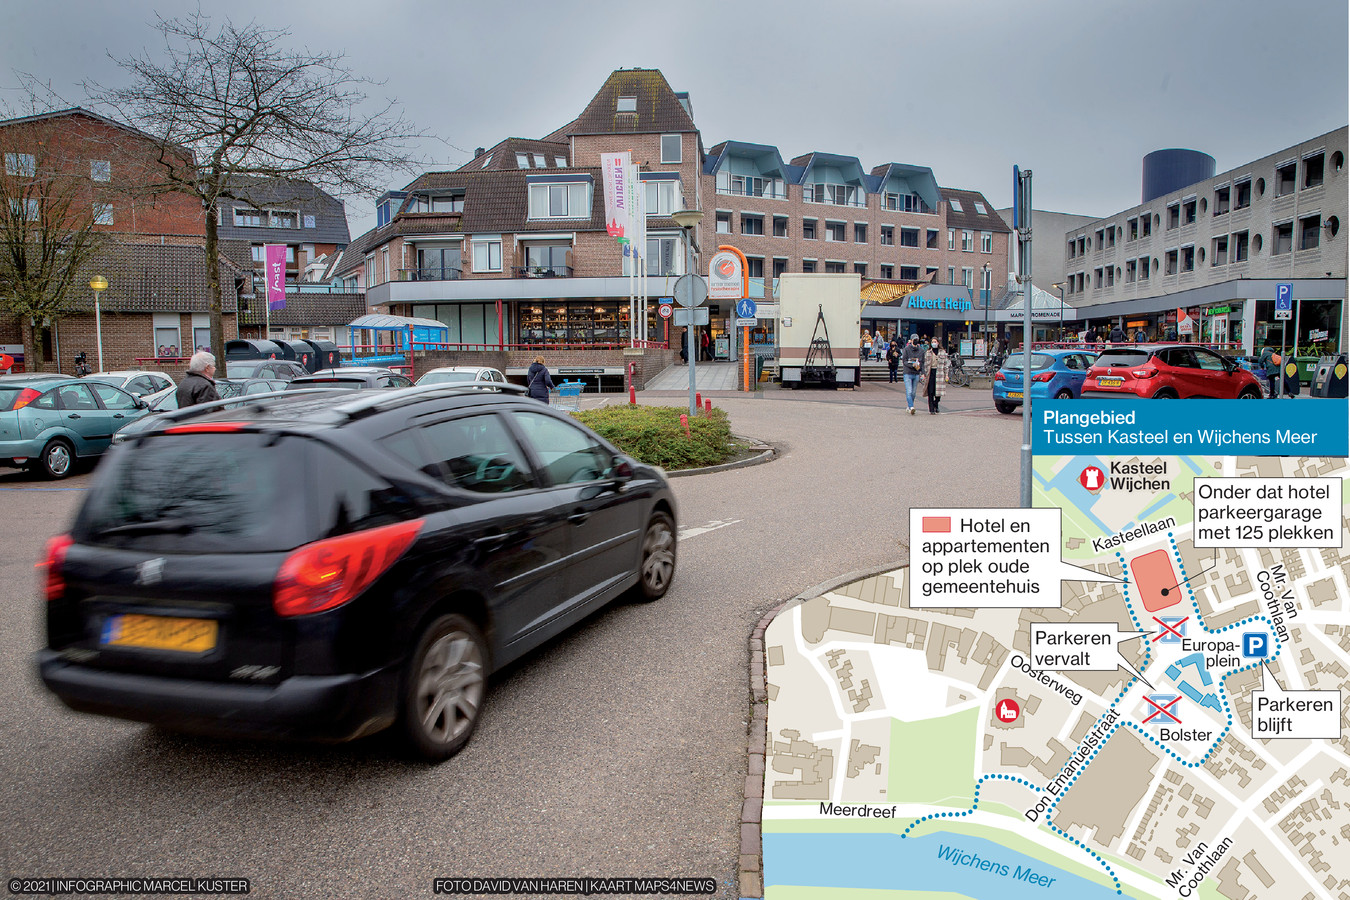 Het Europaplein met in de inzet de manier waarop het college het parkeren binnen Tussen Kasteel en Wijchens Meer wilde oplossen.